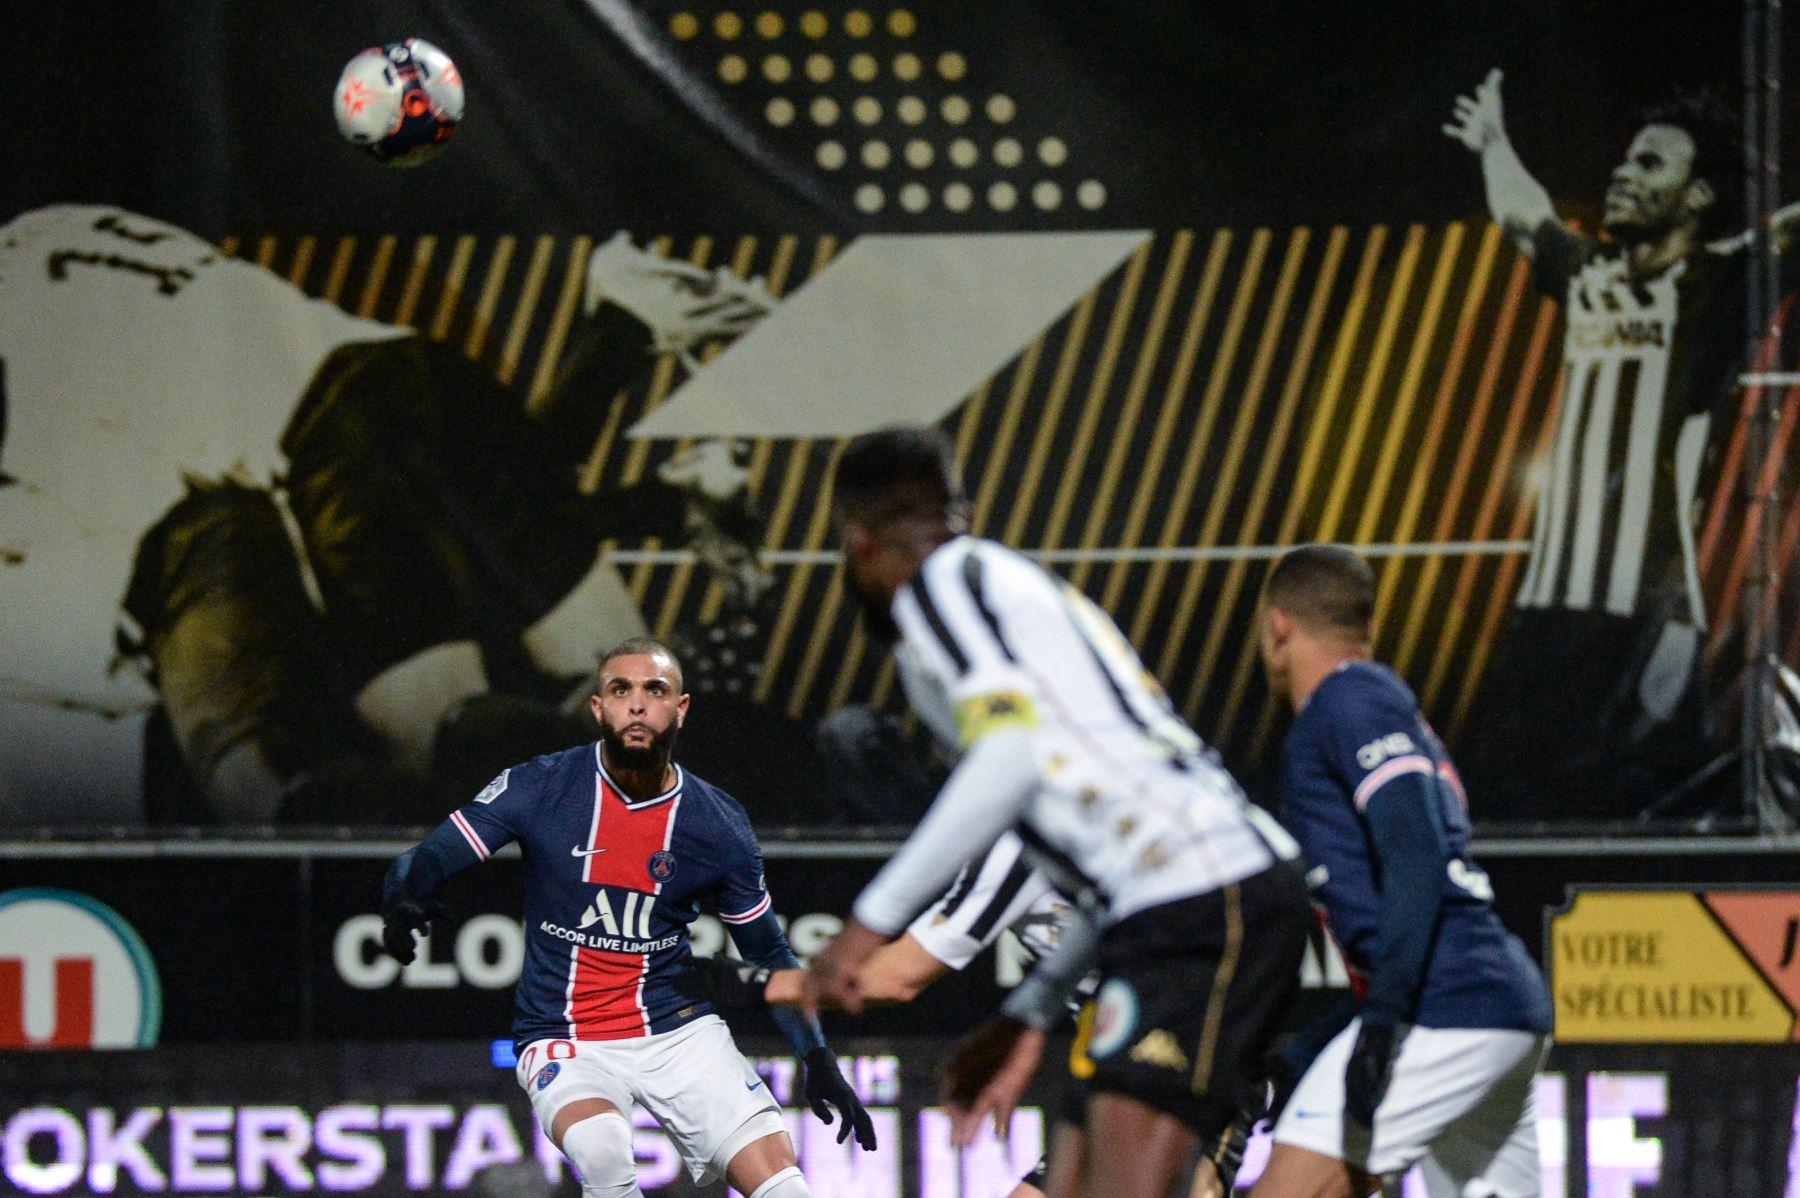 El defensor francés del PSG, Layvin Kurzawa, mira el balón antes de marcar un gol durante el partido de fútbol francés L1 entre Angers y PSG en el Estadio Raymond Kopa en Angers, oeste de Francia. Foto: AFP